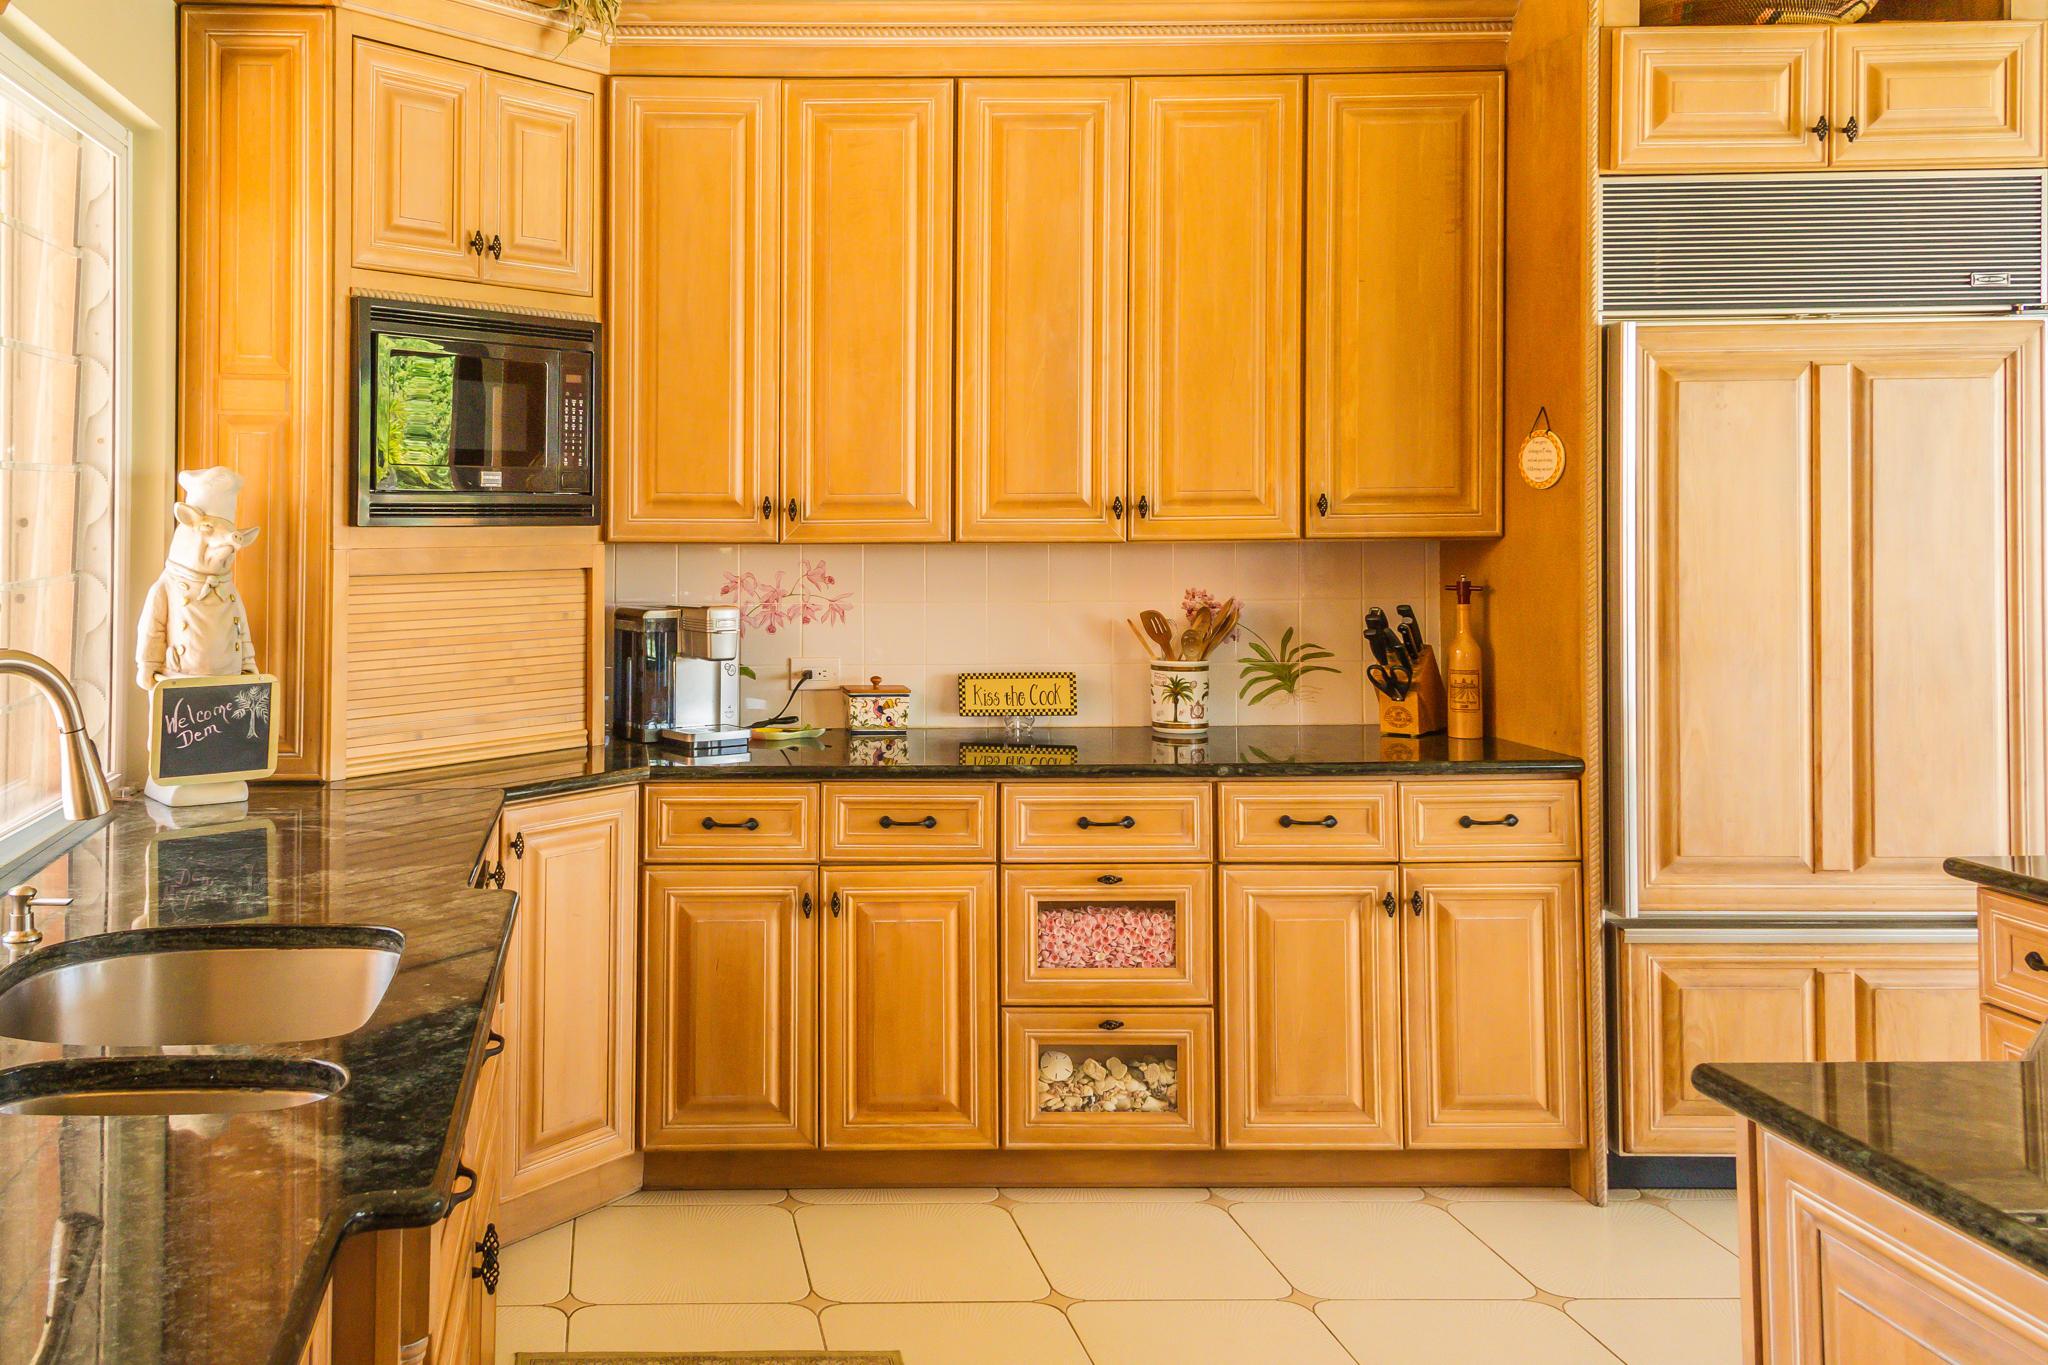 Chef-quailty kitchen